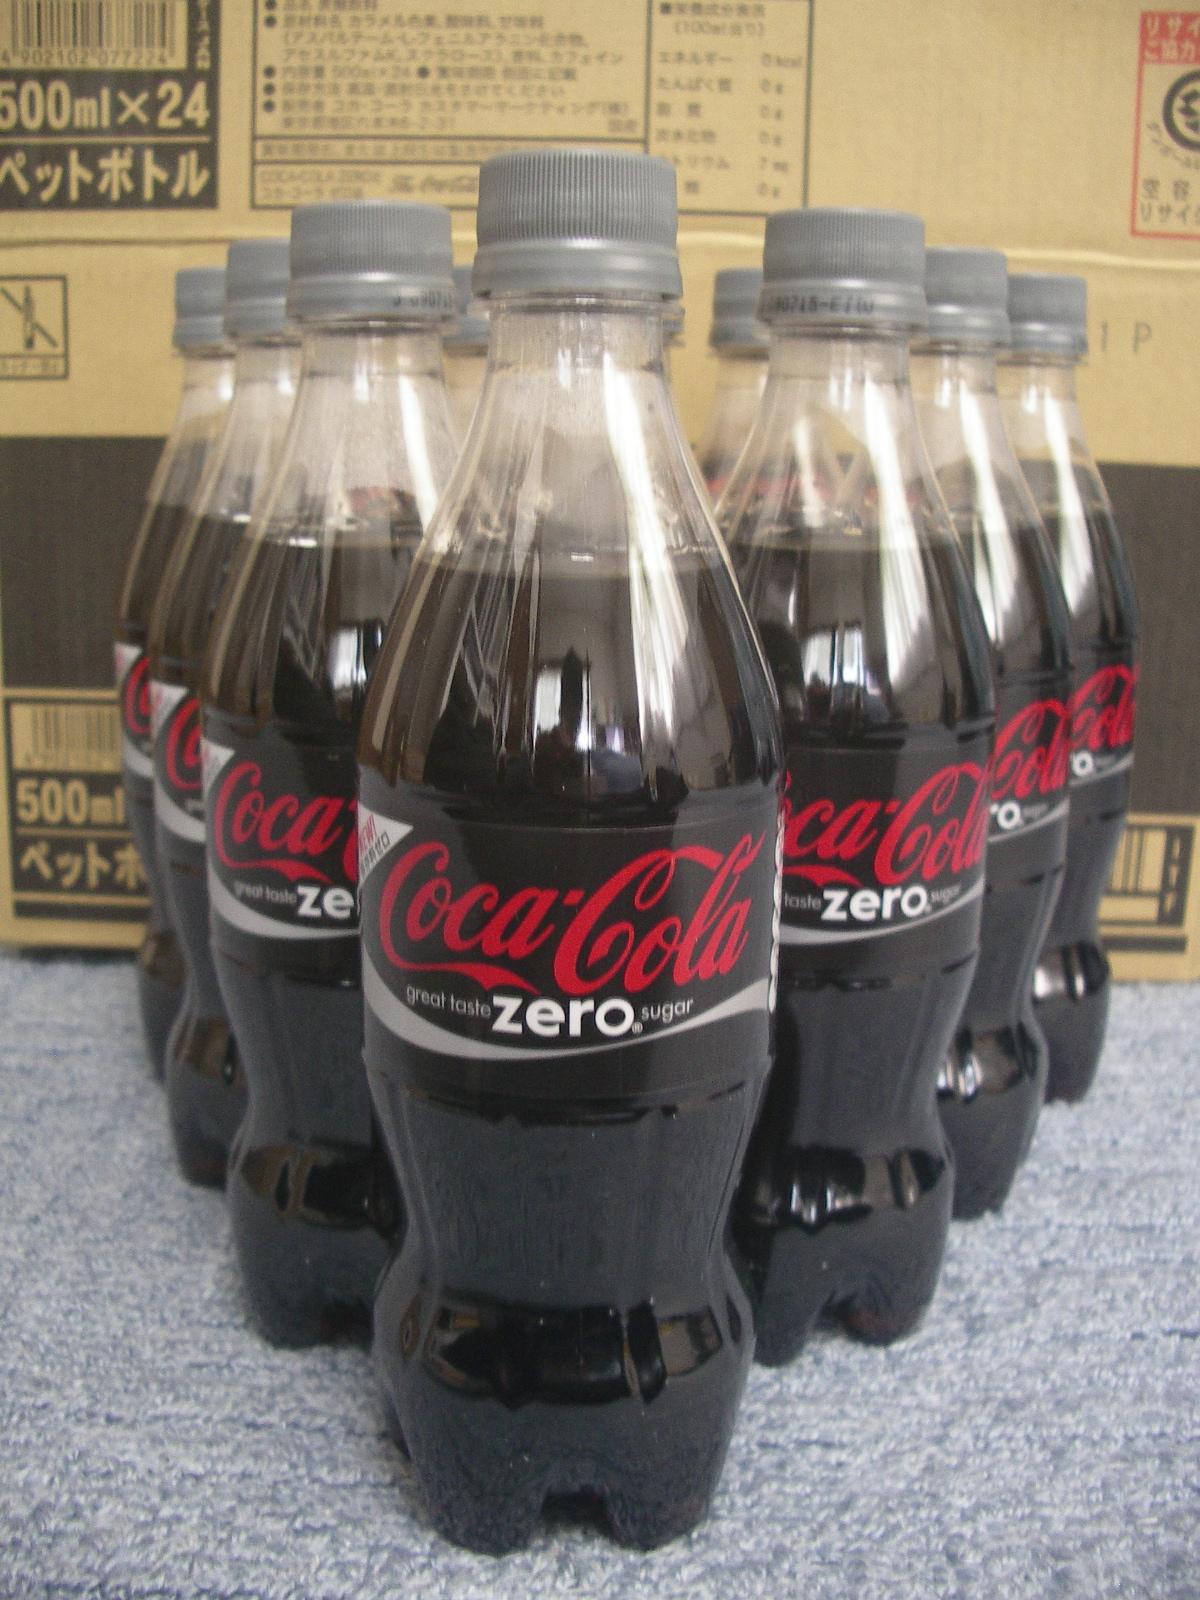 コカコーラ・ゼロってどこに需要あるの?